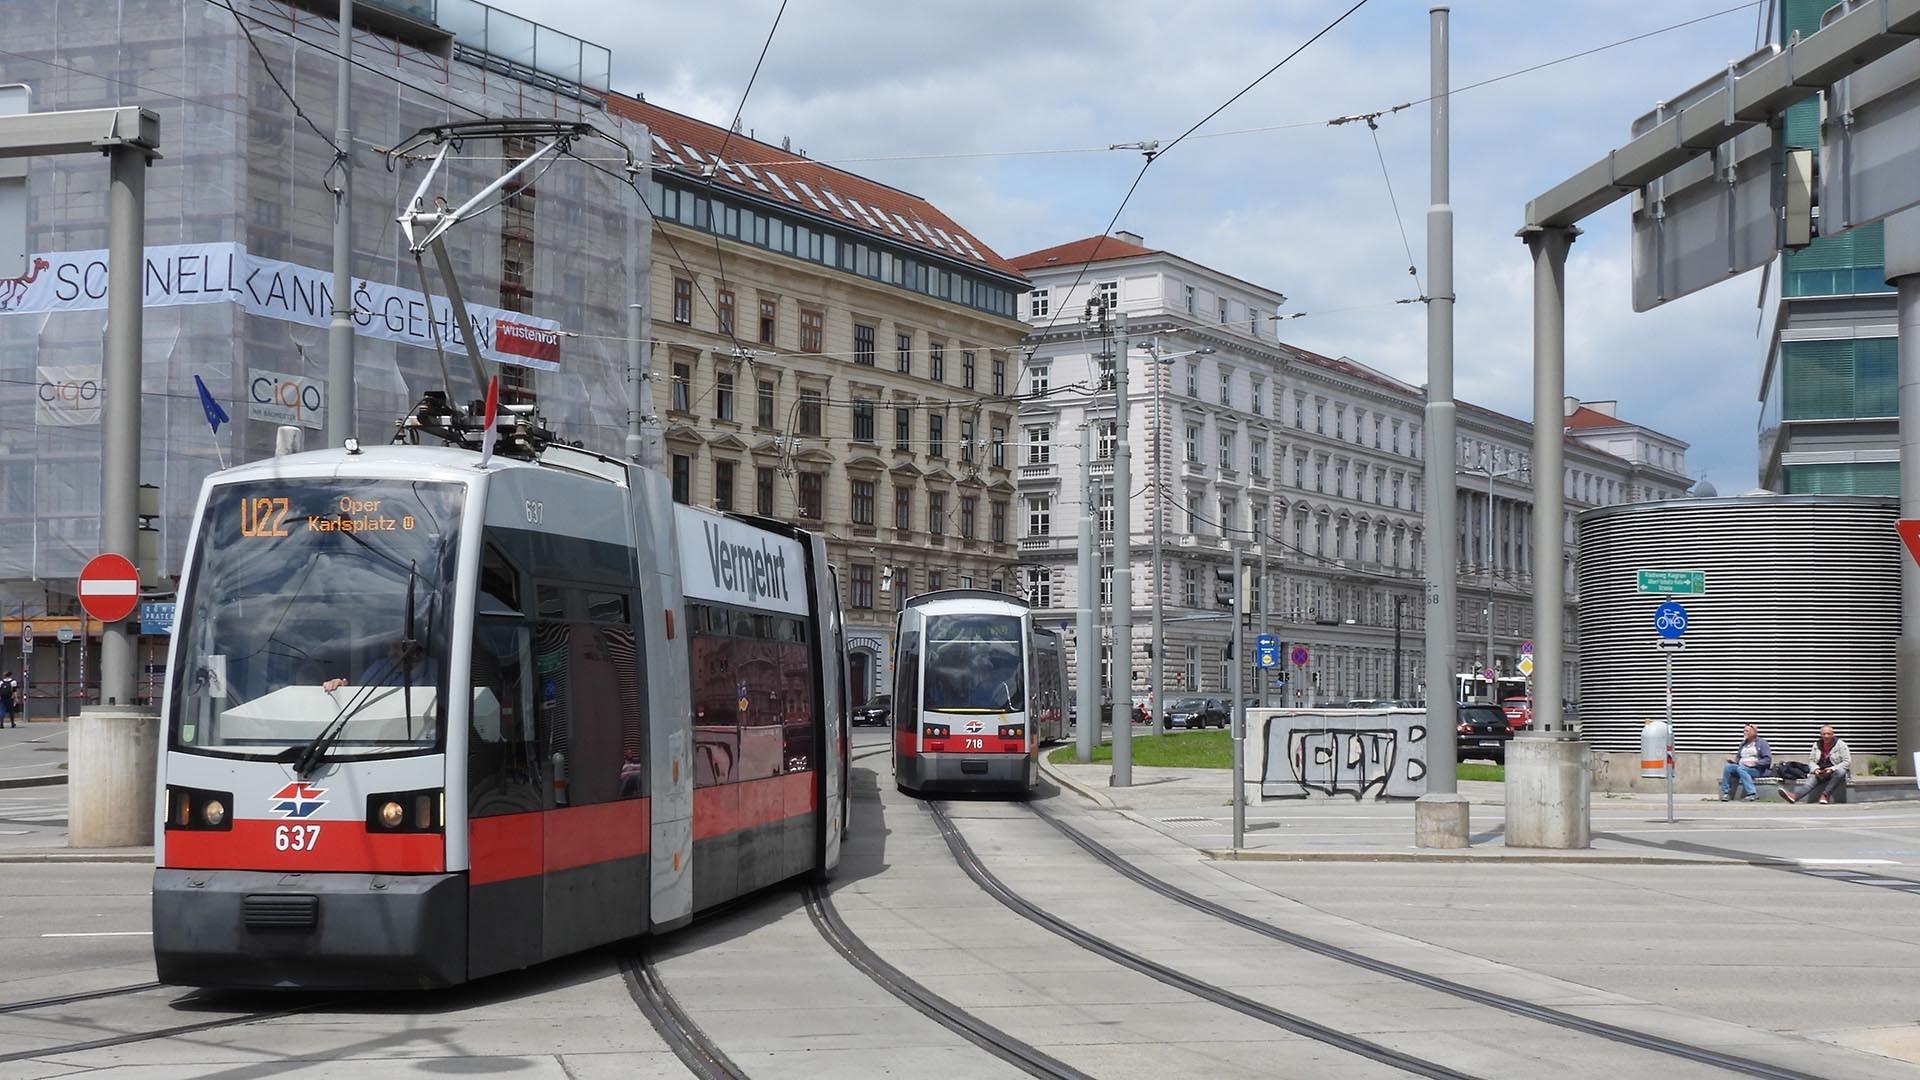 https://public-transport.net/tram/Wien2021/U2Z_Praterstern/slides/9118_739.jpg